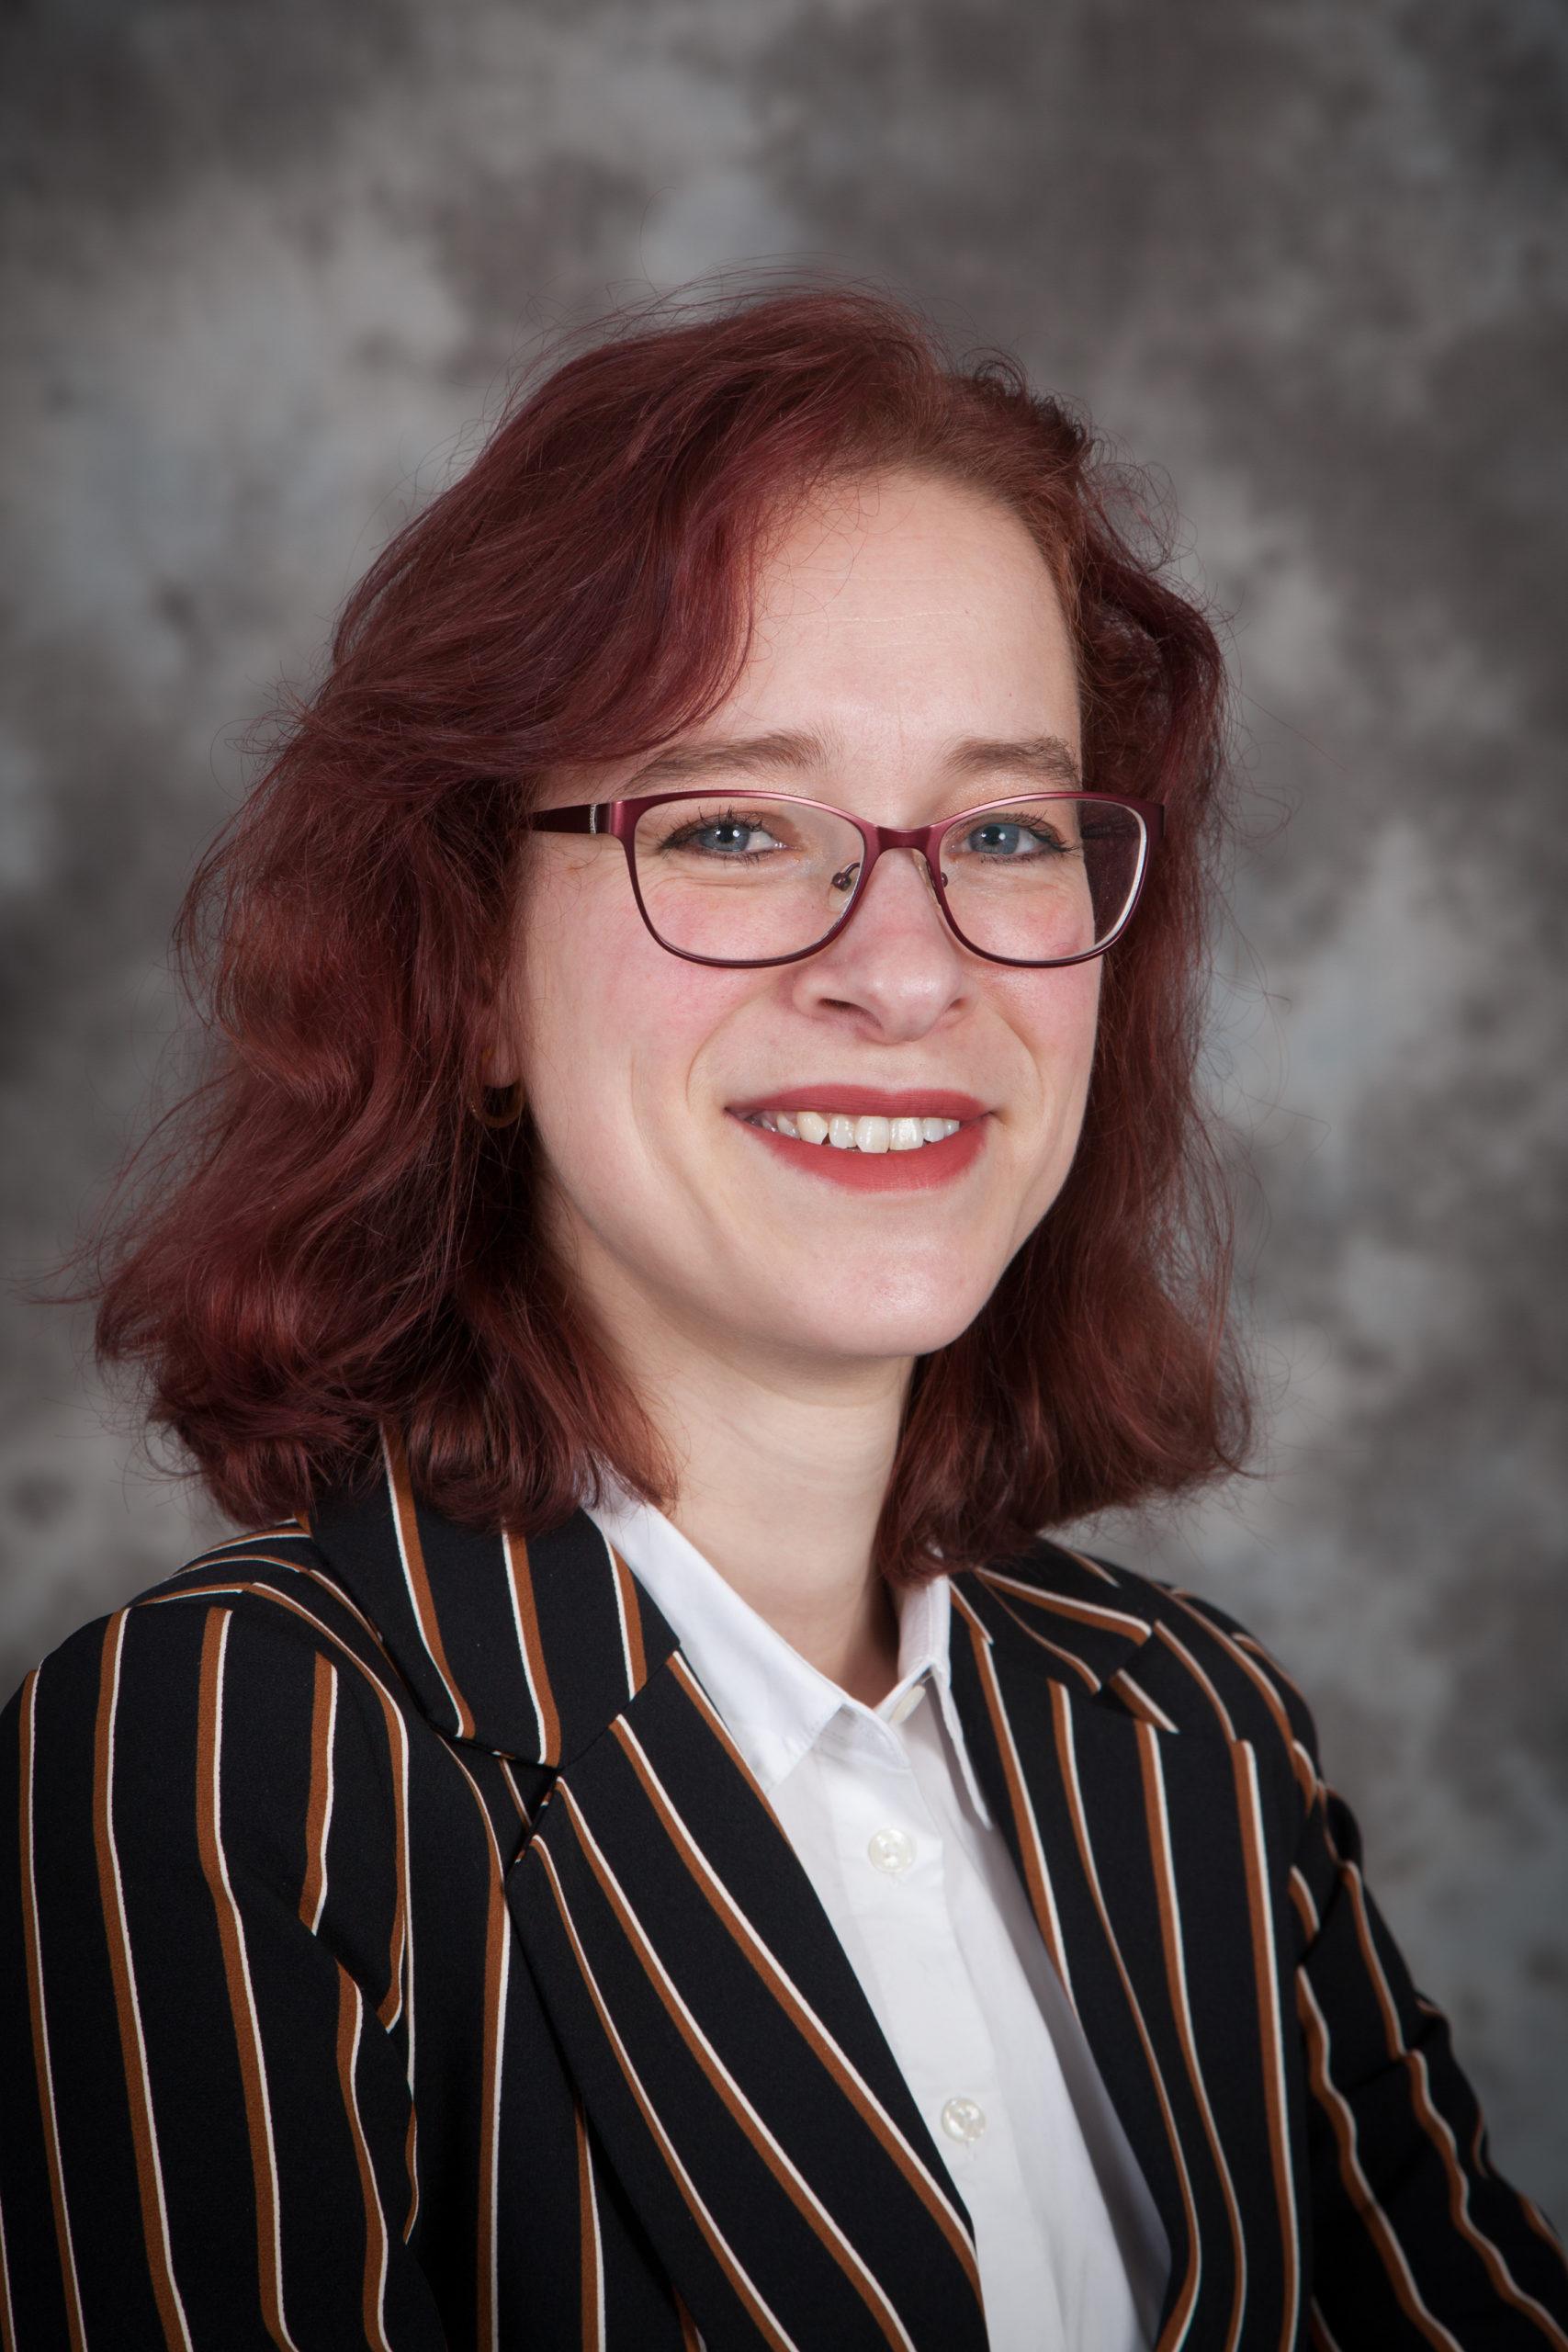 Megan van den Dorpel